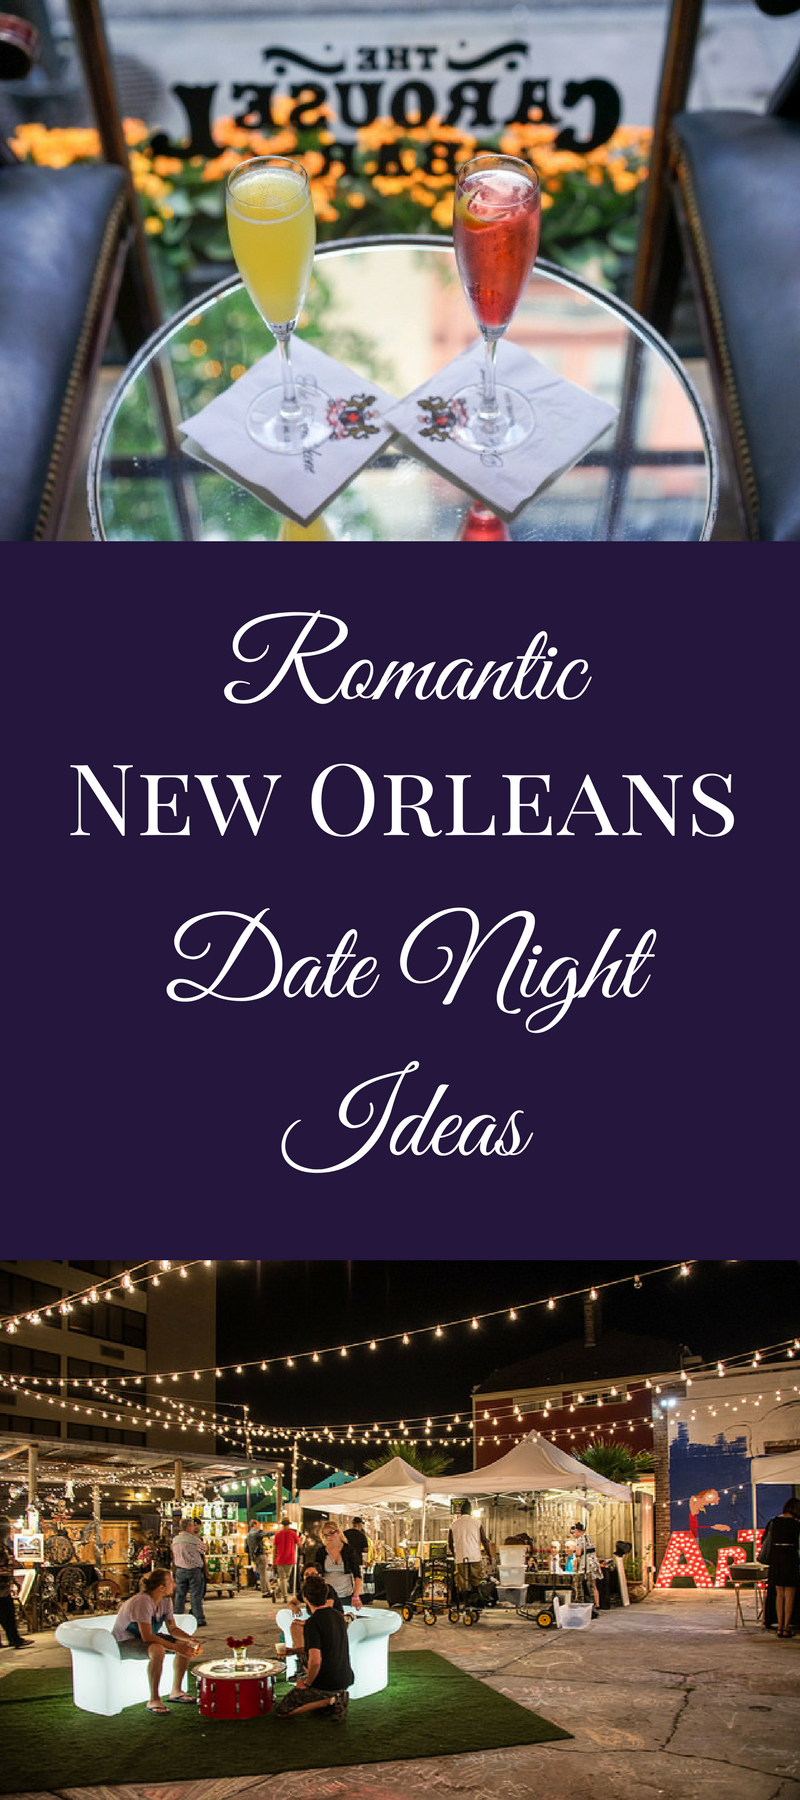 intimate date ideas